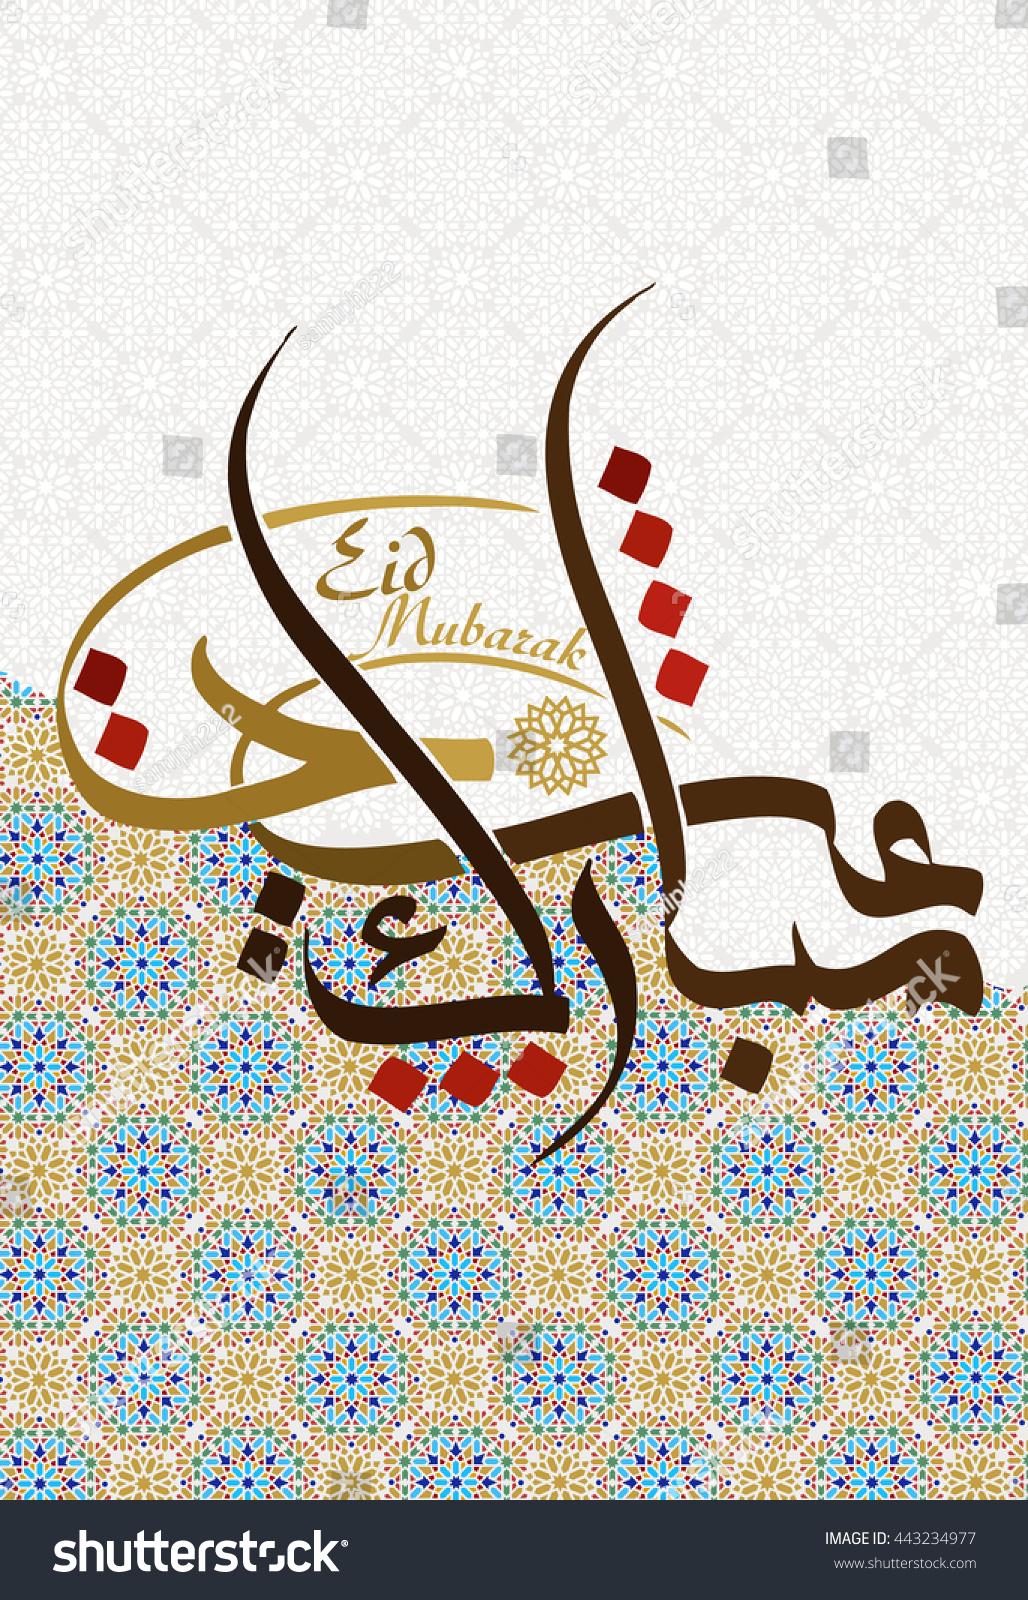 Fantastic Eid Holiday Eid Al-Fitr Greeting - stock-vector--eid-mubarak-greeting-card-islamic-background-for-muslims-holidays-such-as-eid-al-fitr-eid-al-443234977  Image_42728 .jpg